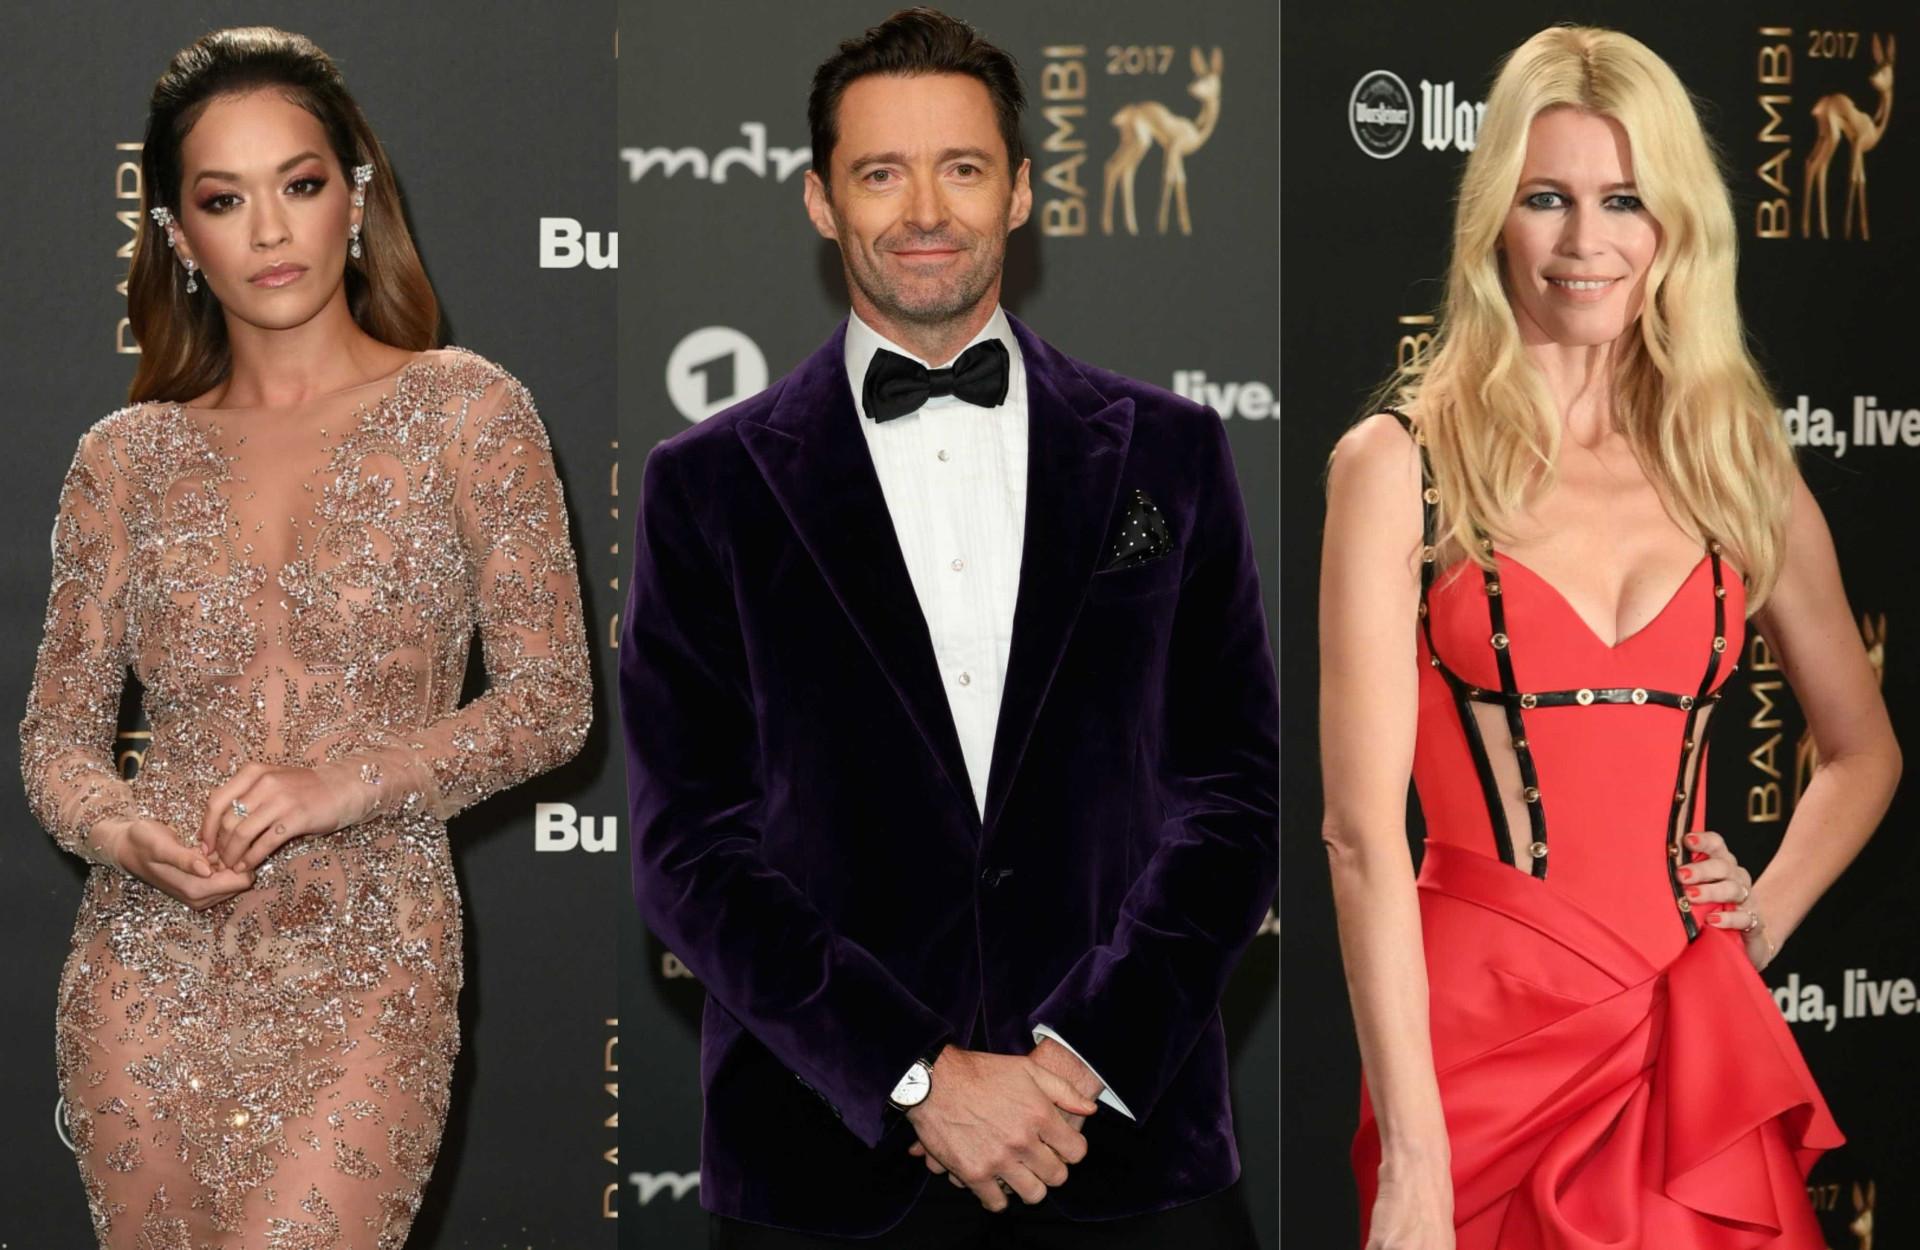 Os looks das estrelas que passaram pelo Bambi Awards 2017